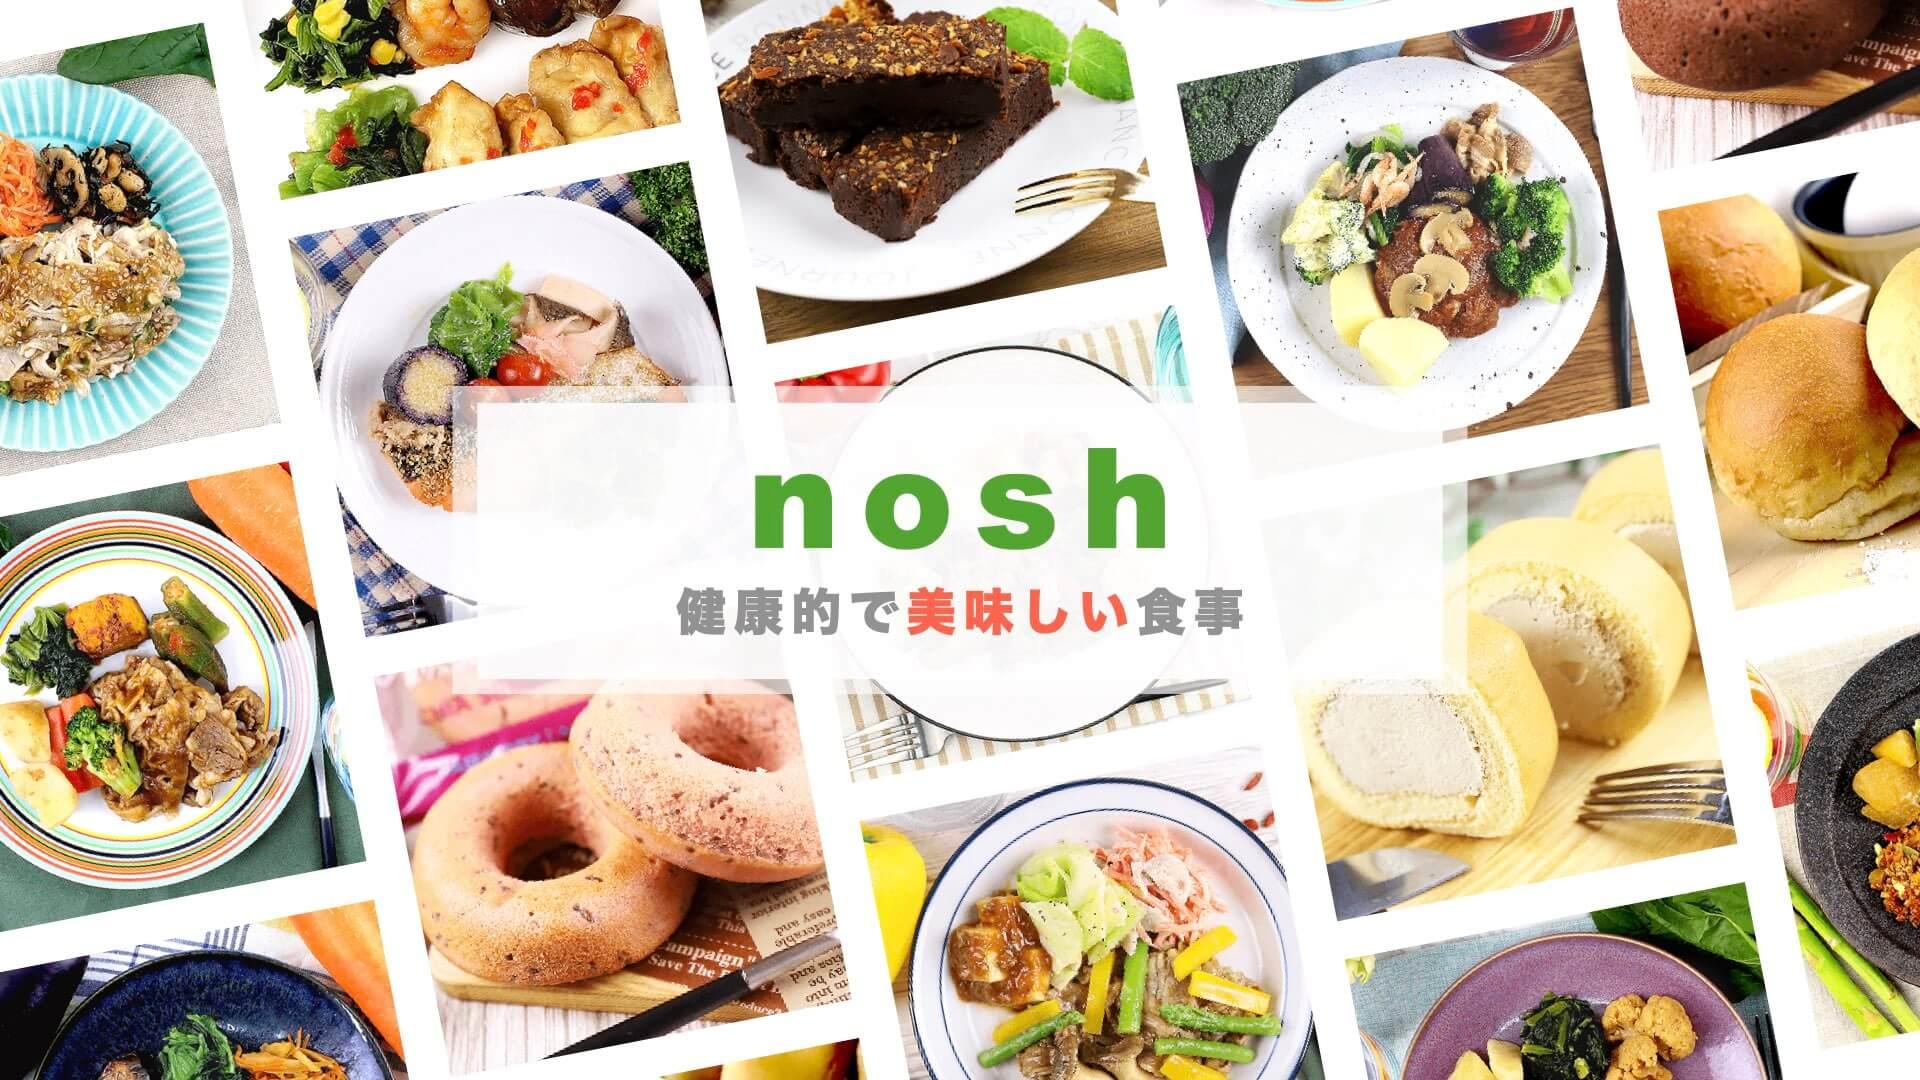 安くて美味しい冷凍宅食nosh(ナッシュ)